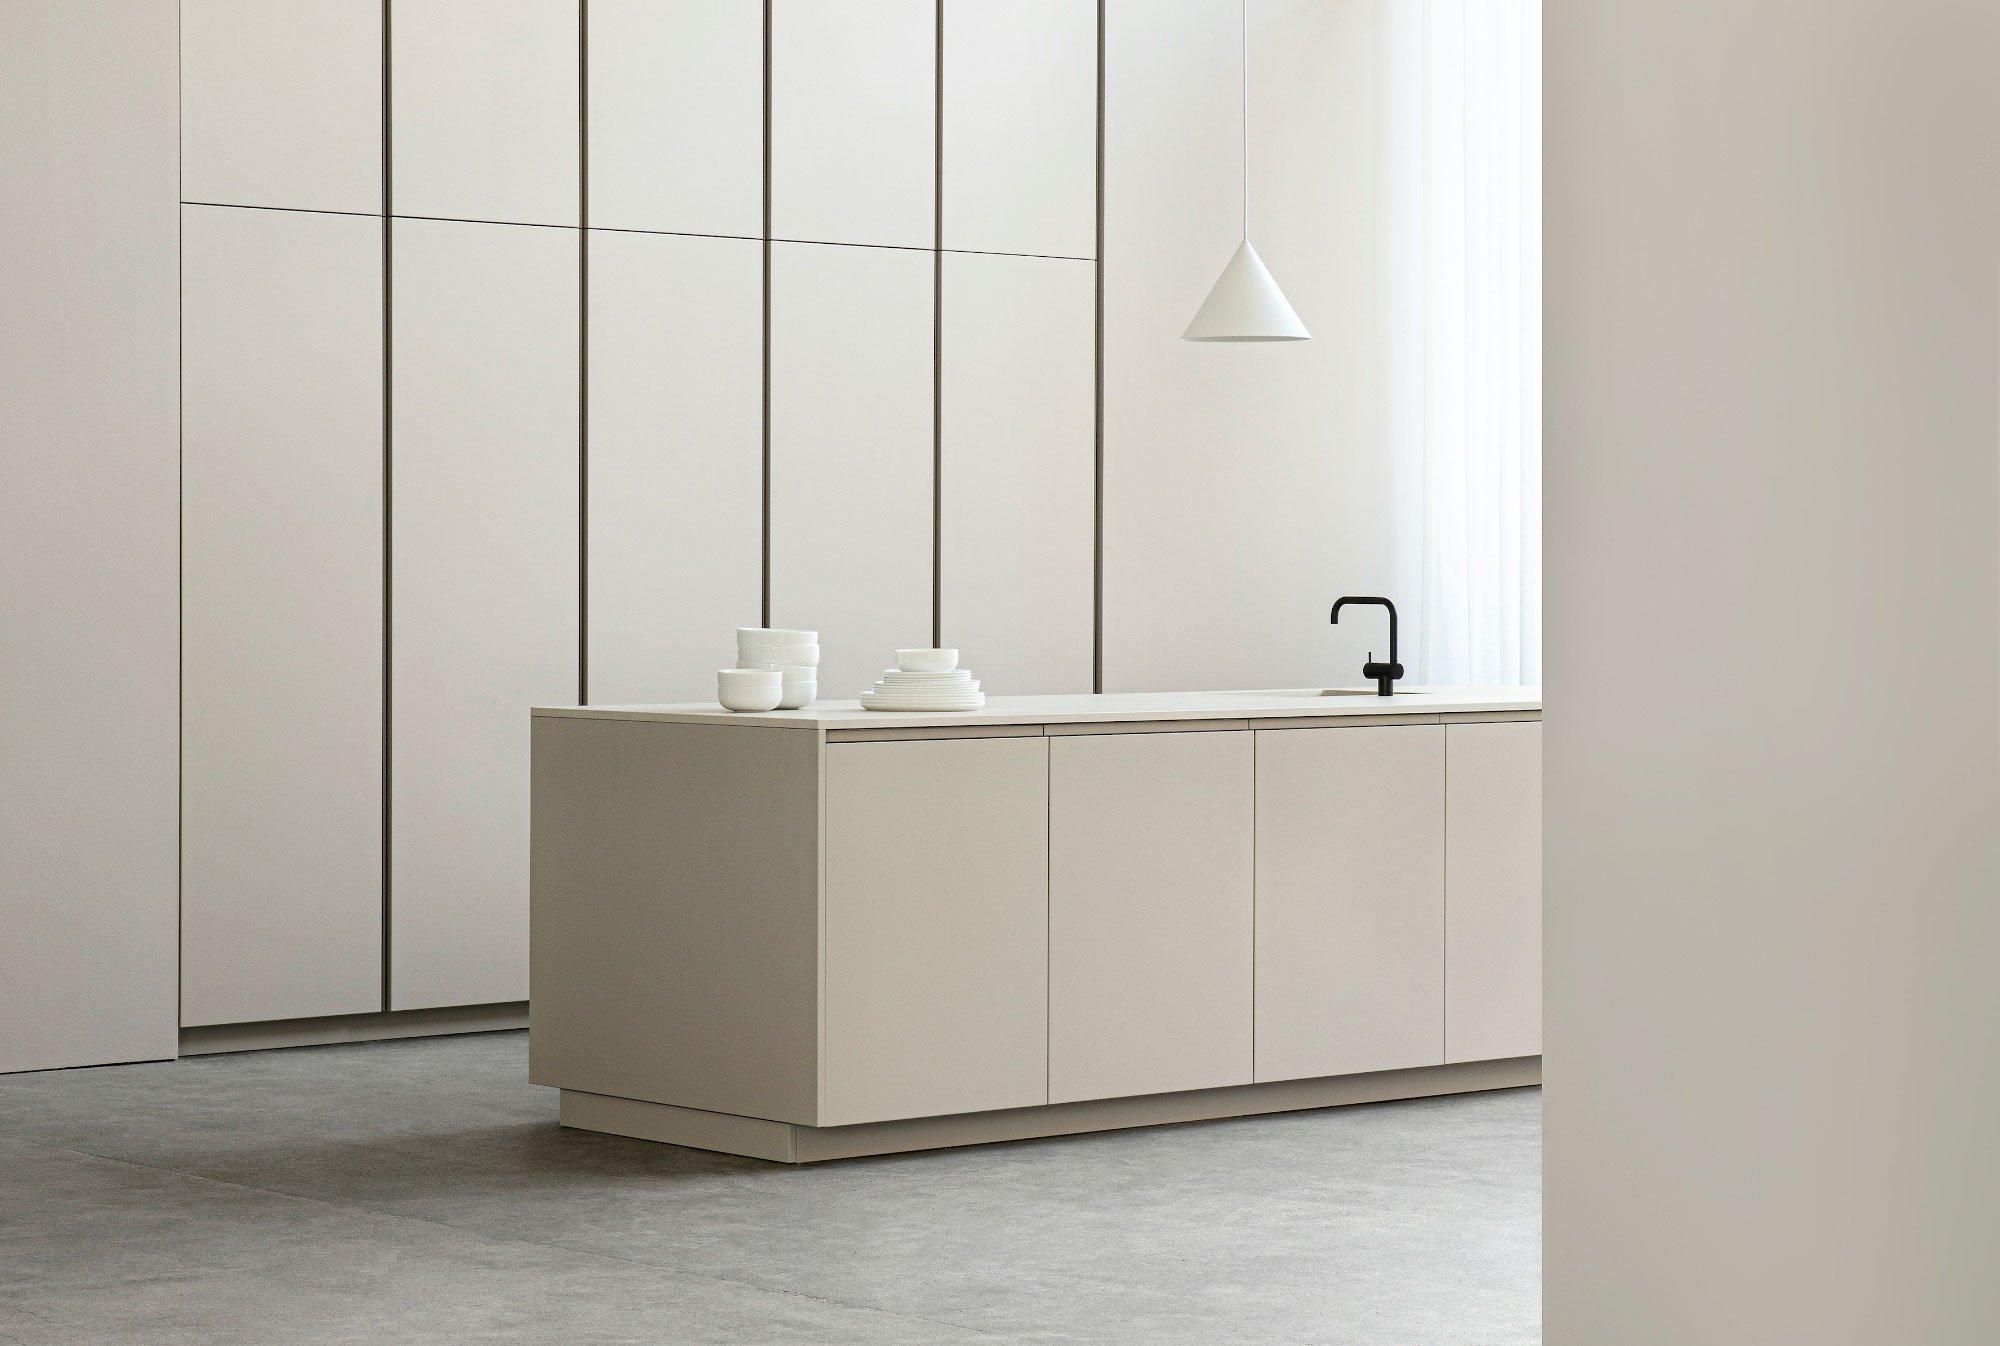 Küche von Norm Architects für Reform